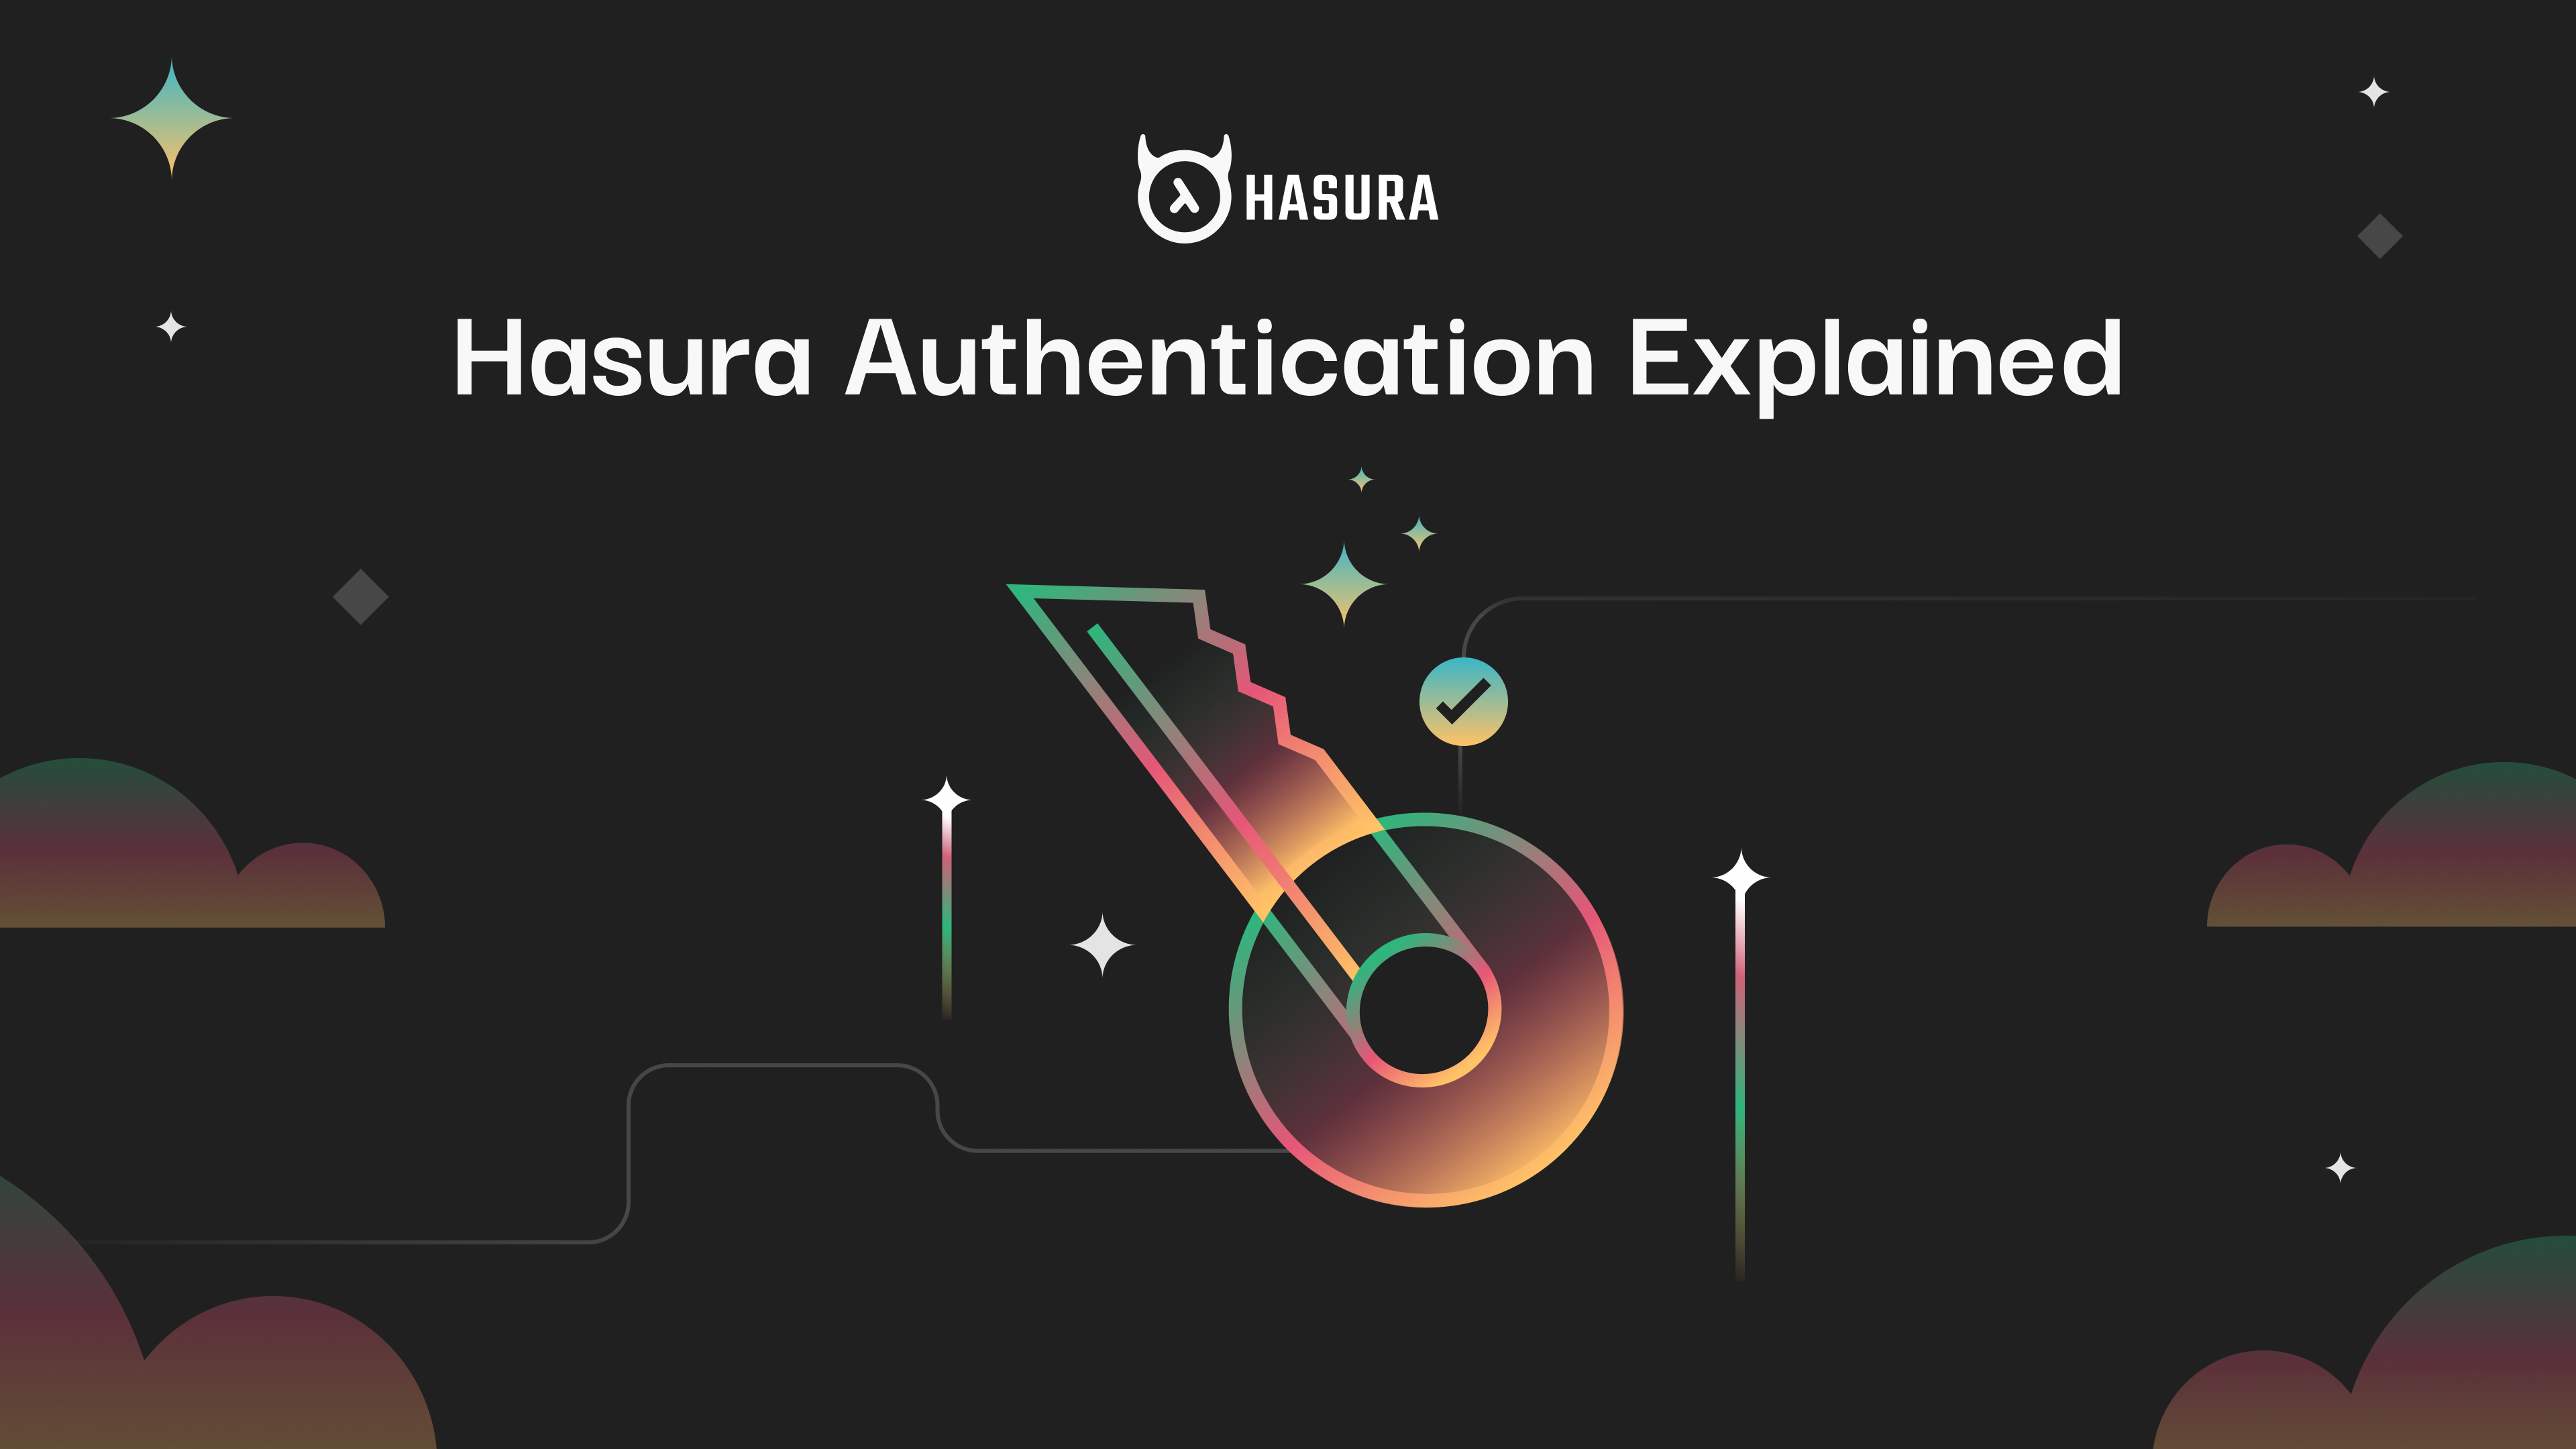 Hasura Authentication Explained